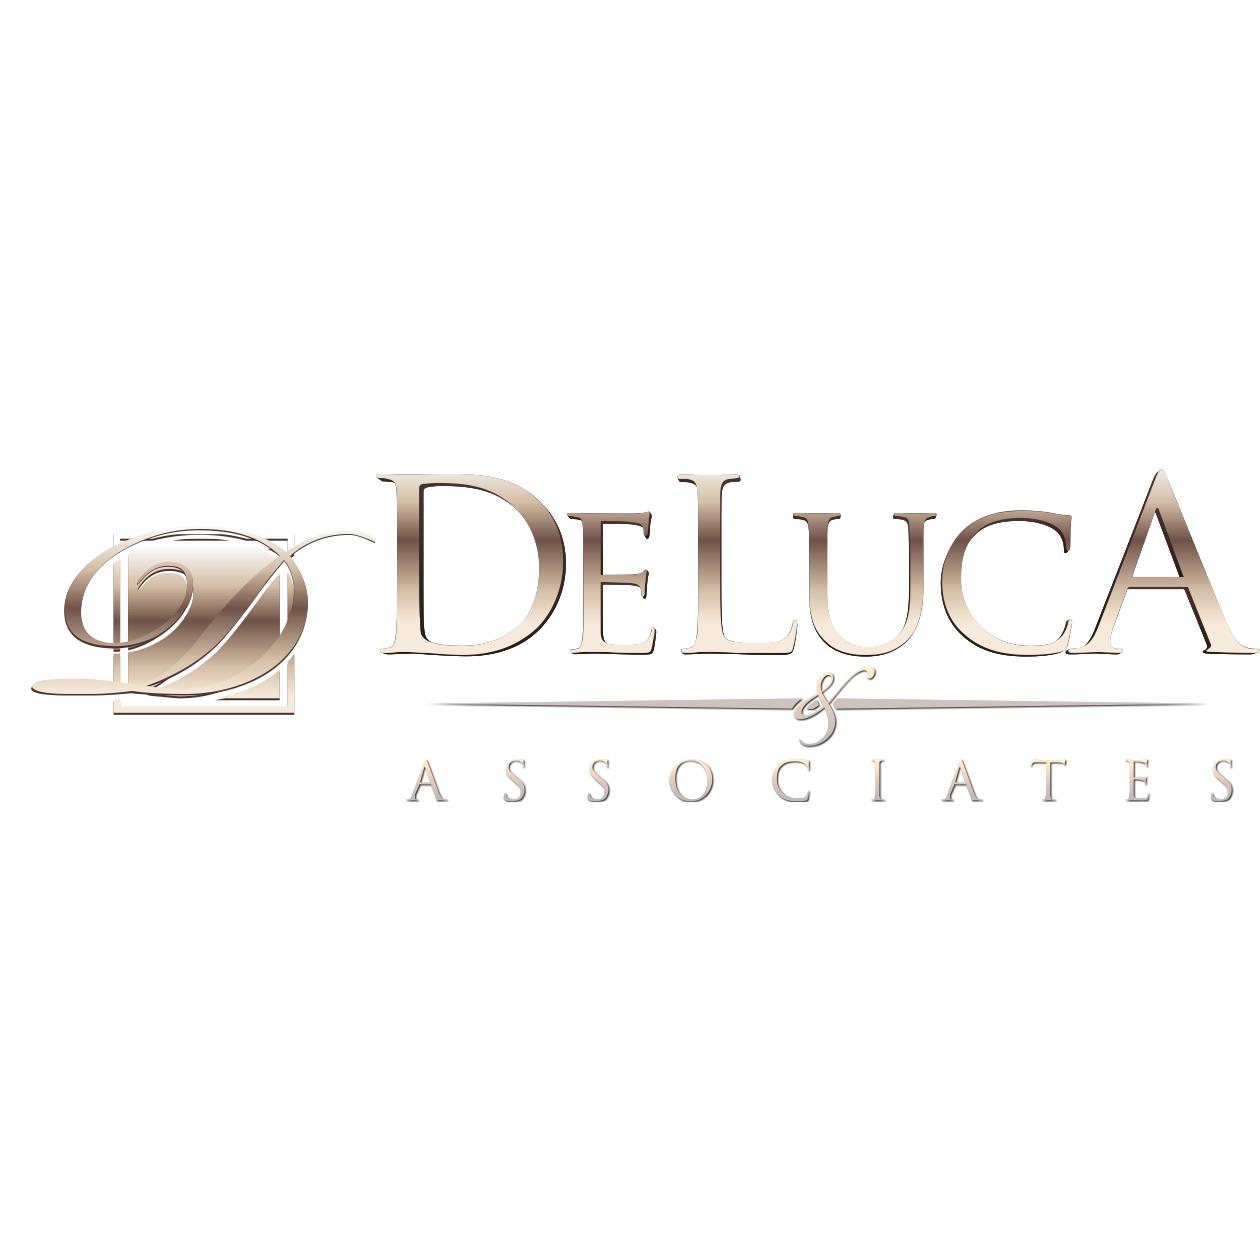 DeLuca & Associates